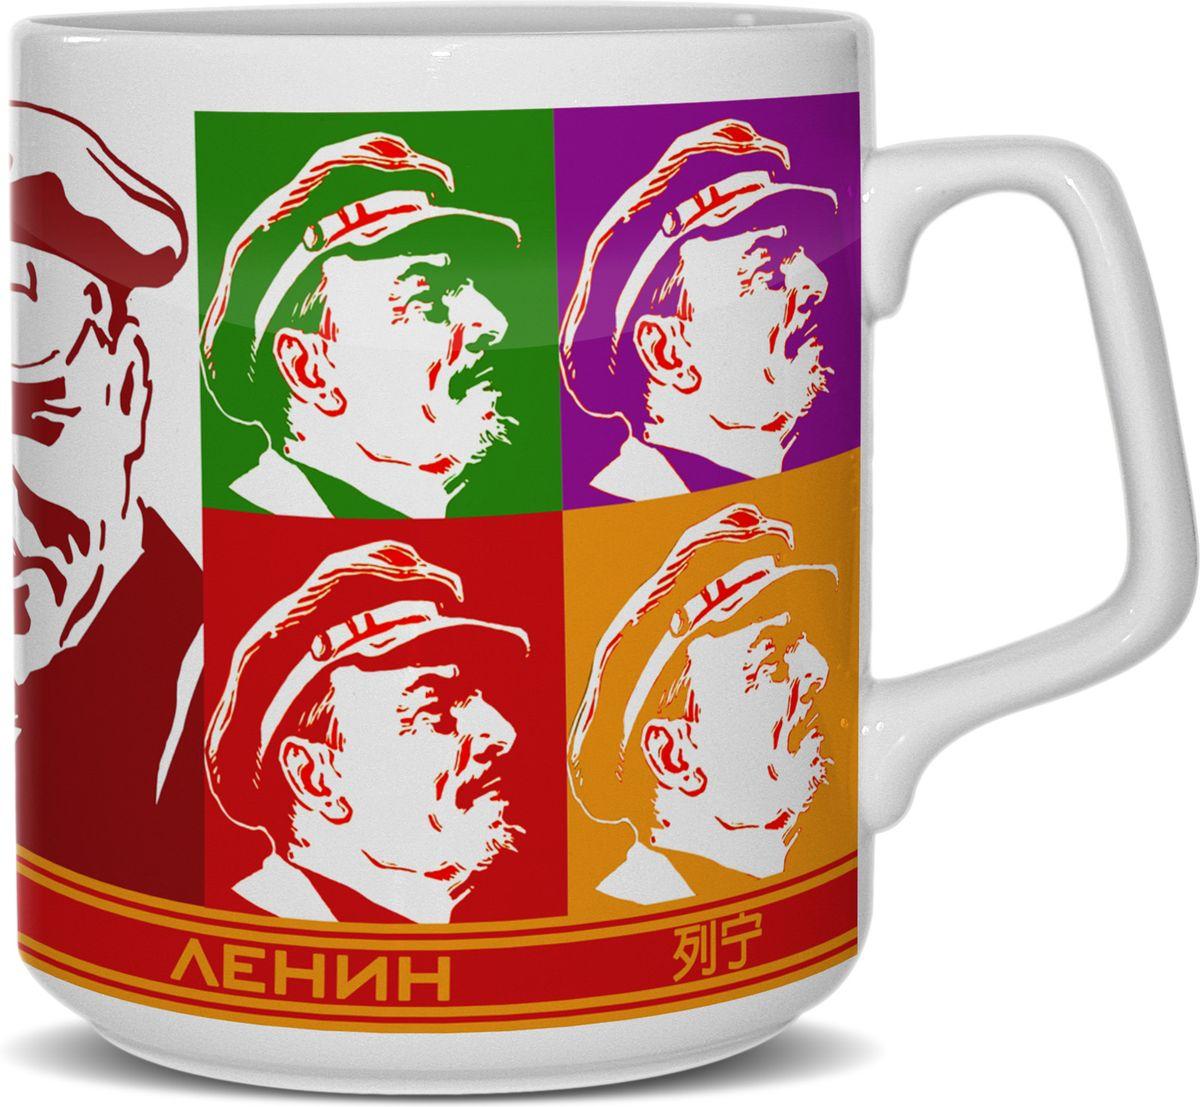 Кружка Priority Ленин в стиле Уорхолл, 350 млКРС - 627Кружка 350 мл.. (фарфор) Октябрь 17-го (Ленин в стиле Уорхолл) в подарочной упаковке